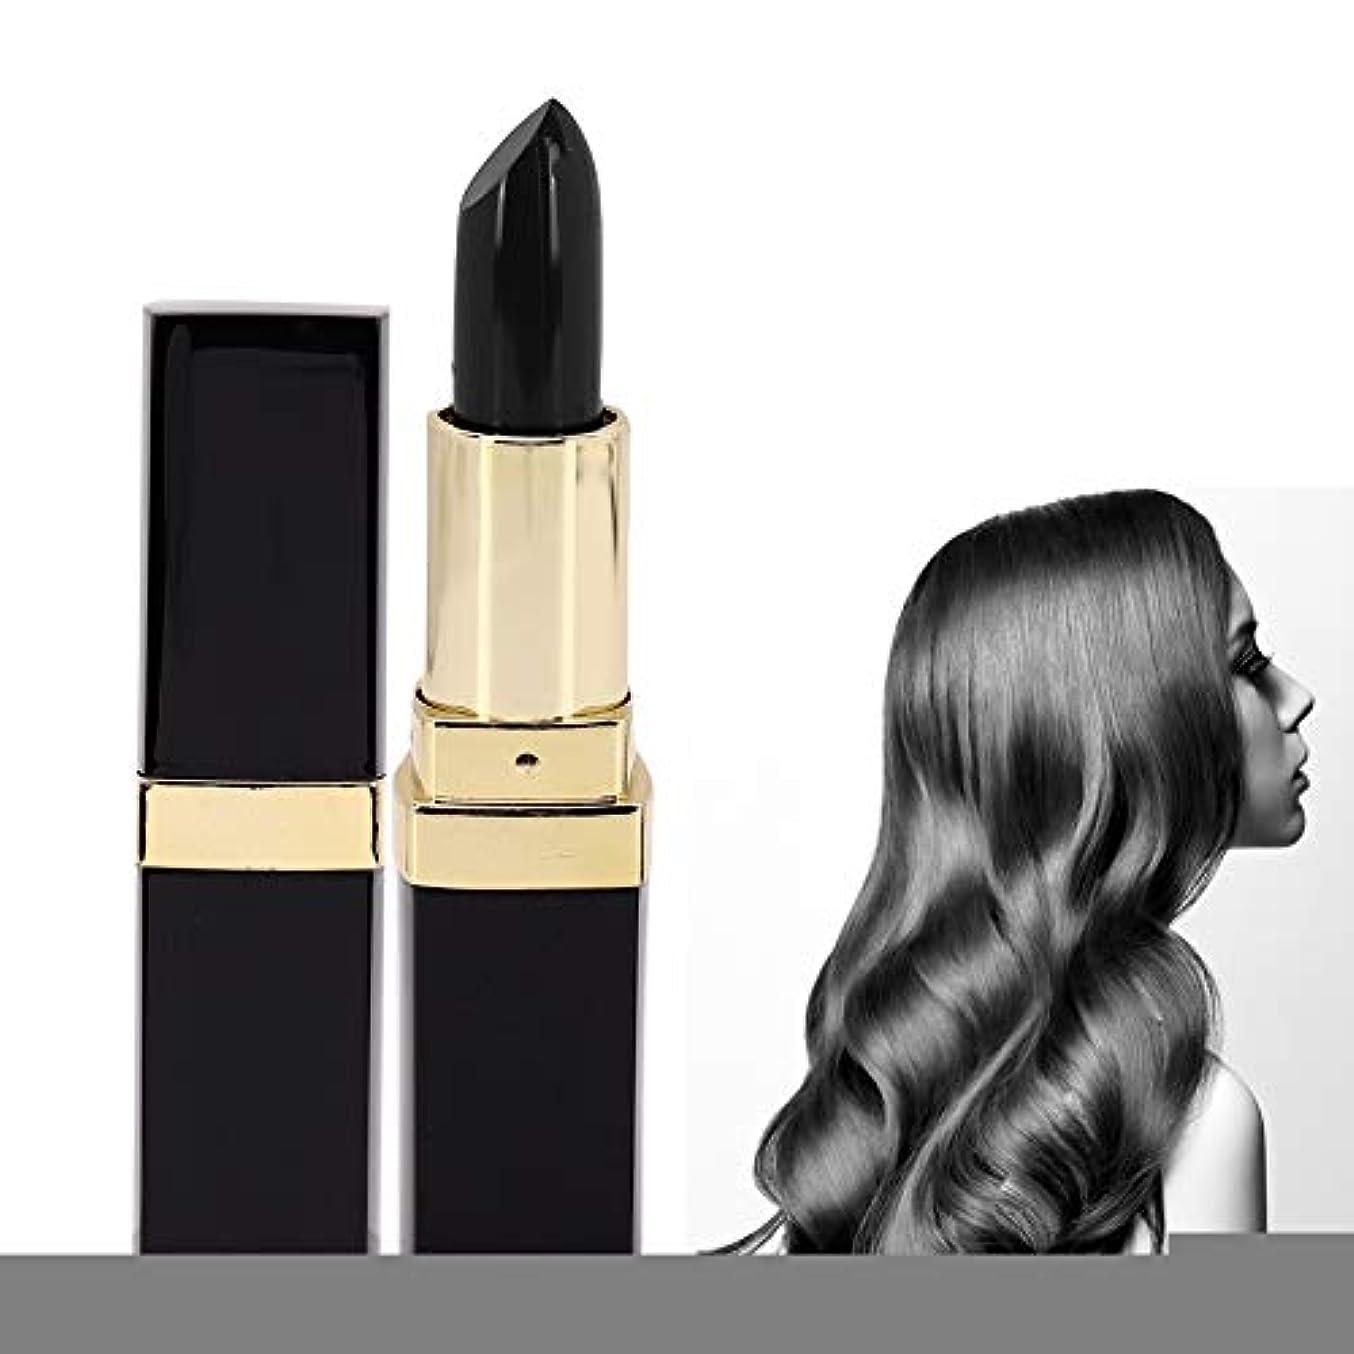 代わりに組み込むアクセス使い捨ての髪の色は鉛筆スティック美容ツールを変更します(褐色), 使い捨てポータブル口紅の形の染料の髪の色は、鉛筆スティック美容ツールを変更します(茶色)